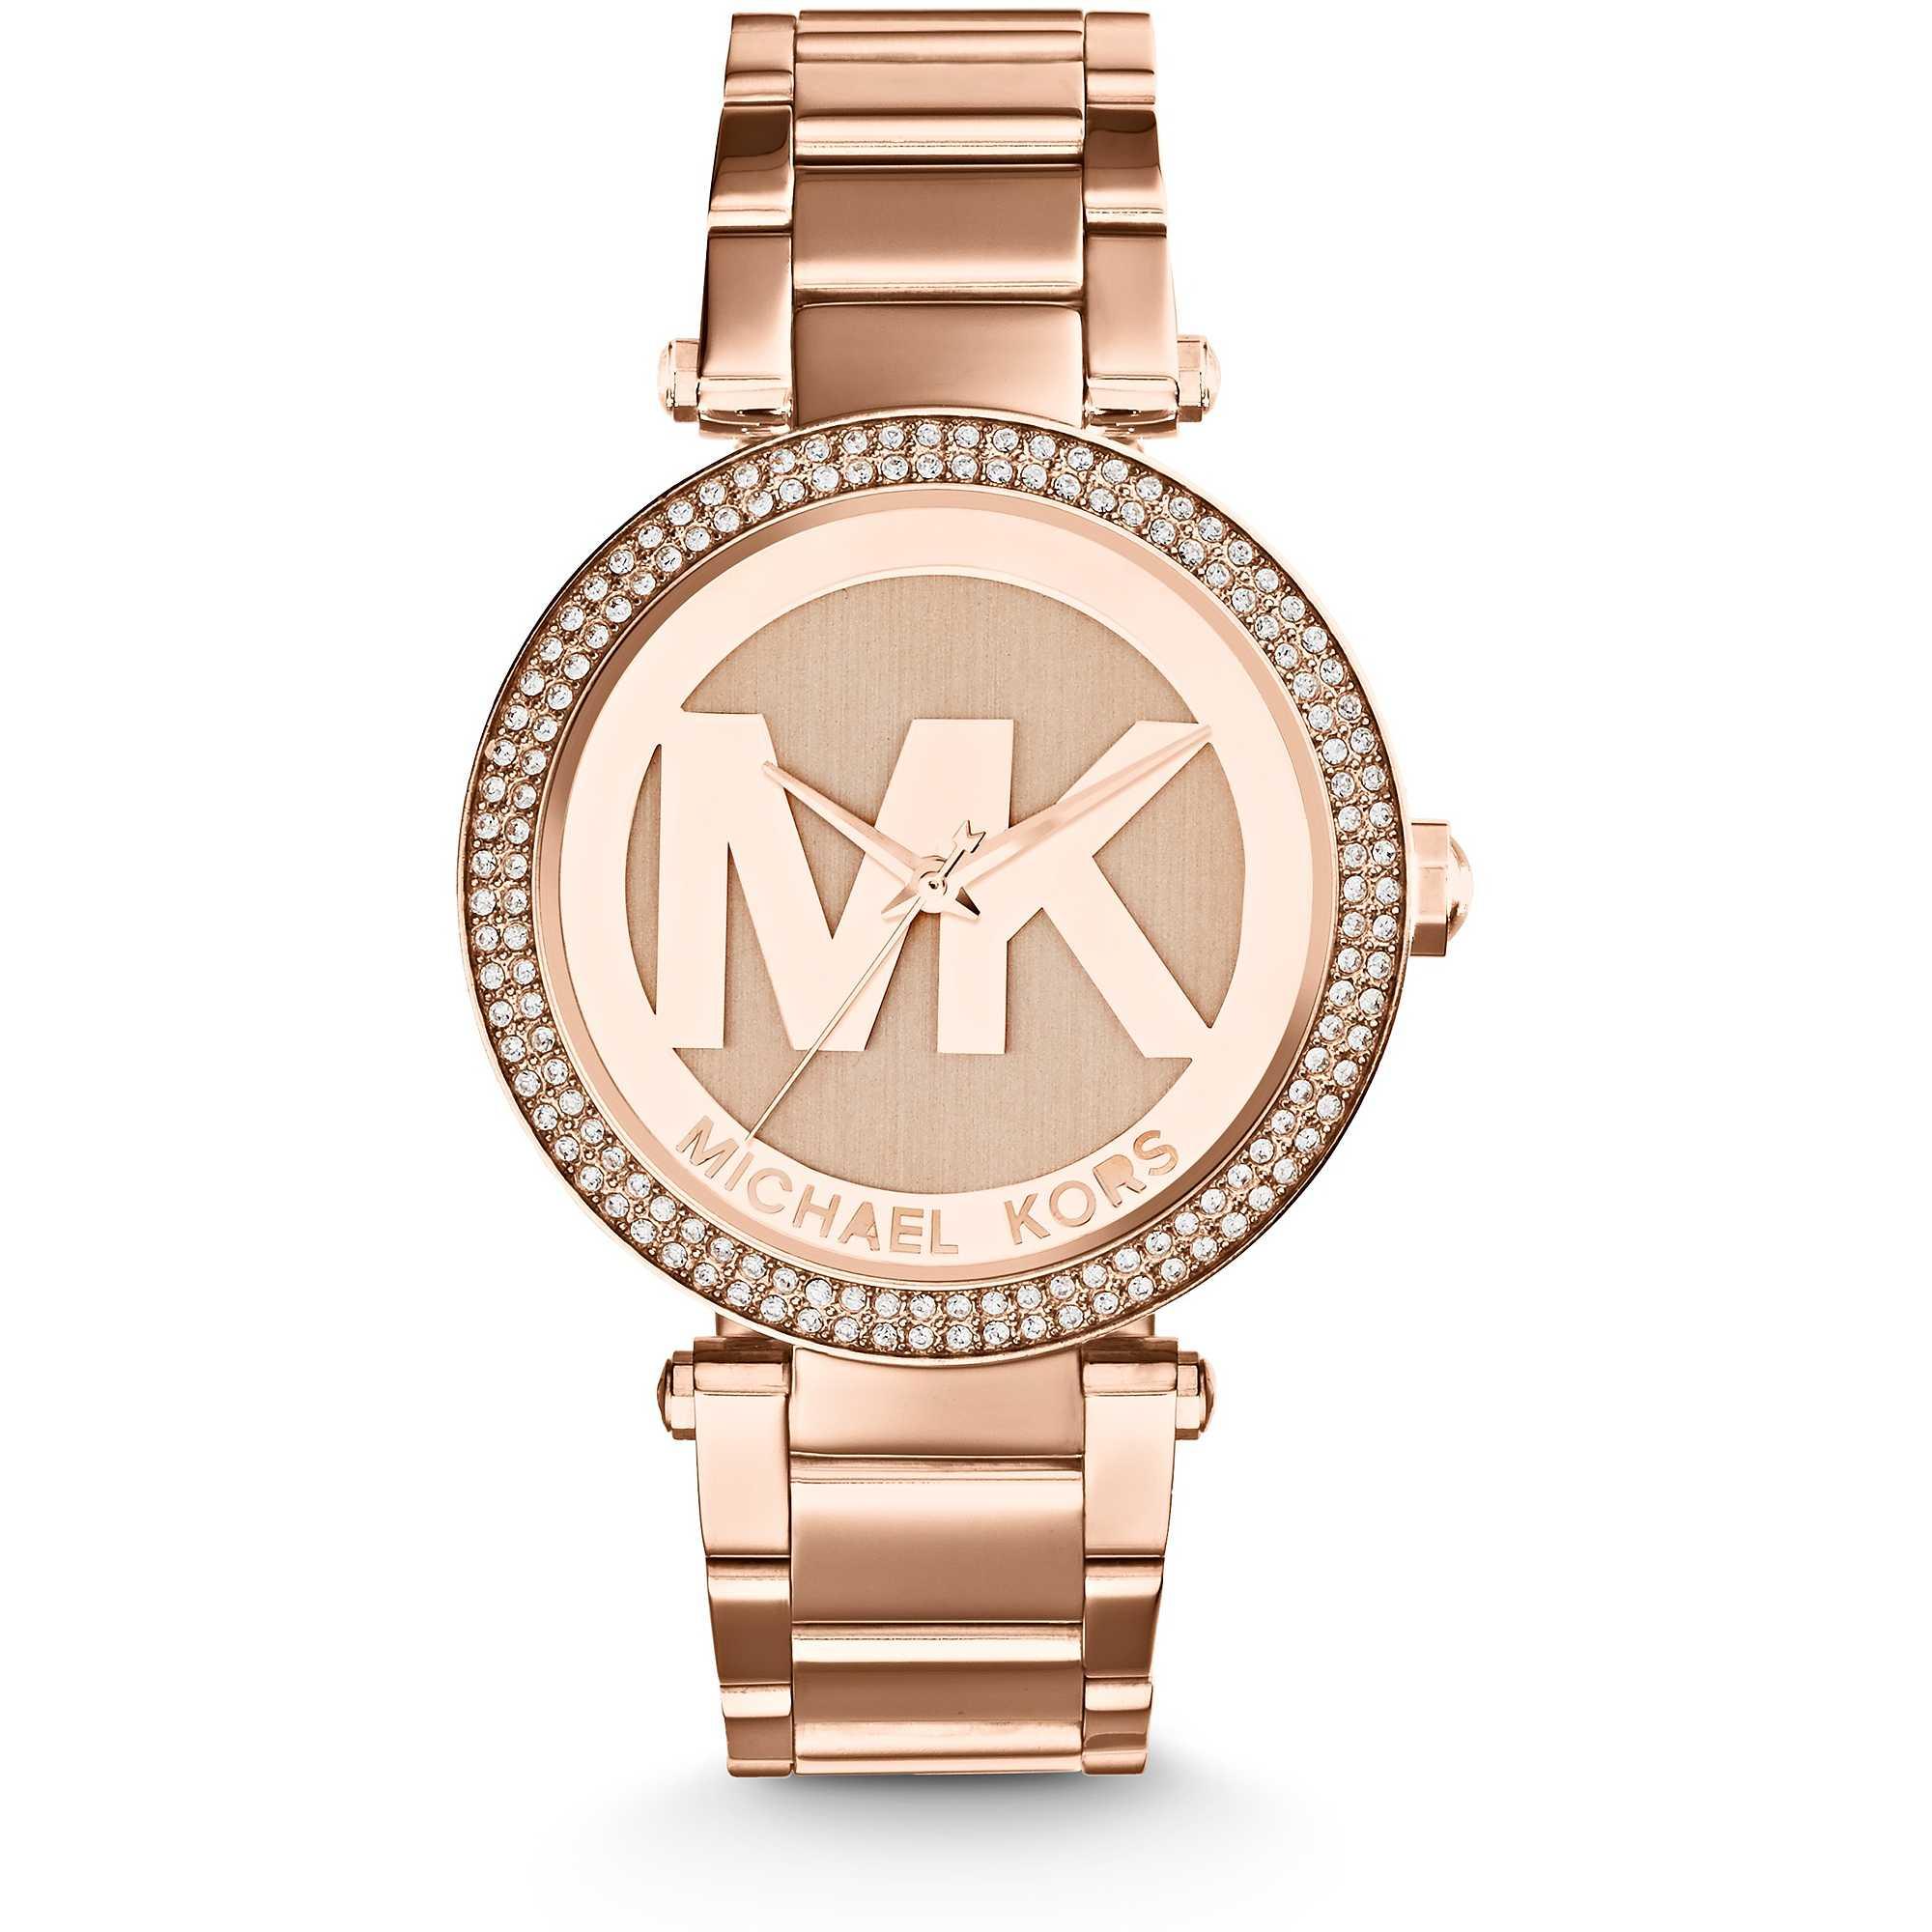 6ebff5915d orologio solo tempo donna Michael Kors MK5865 solo tempo Michael Kors